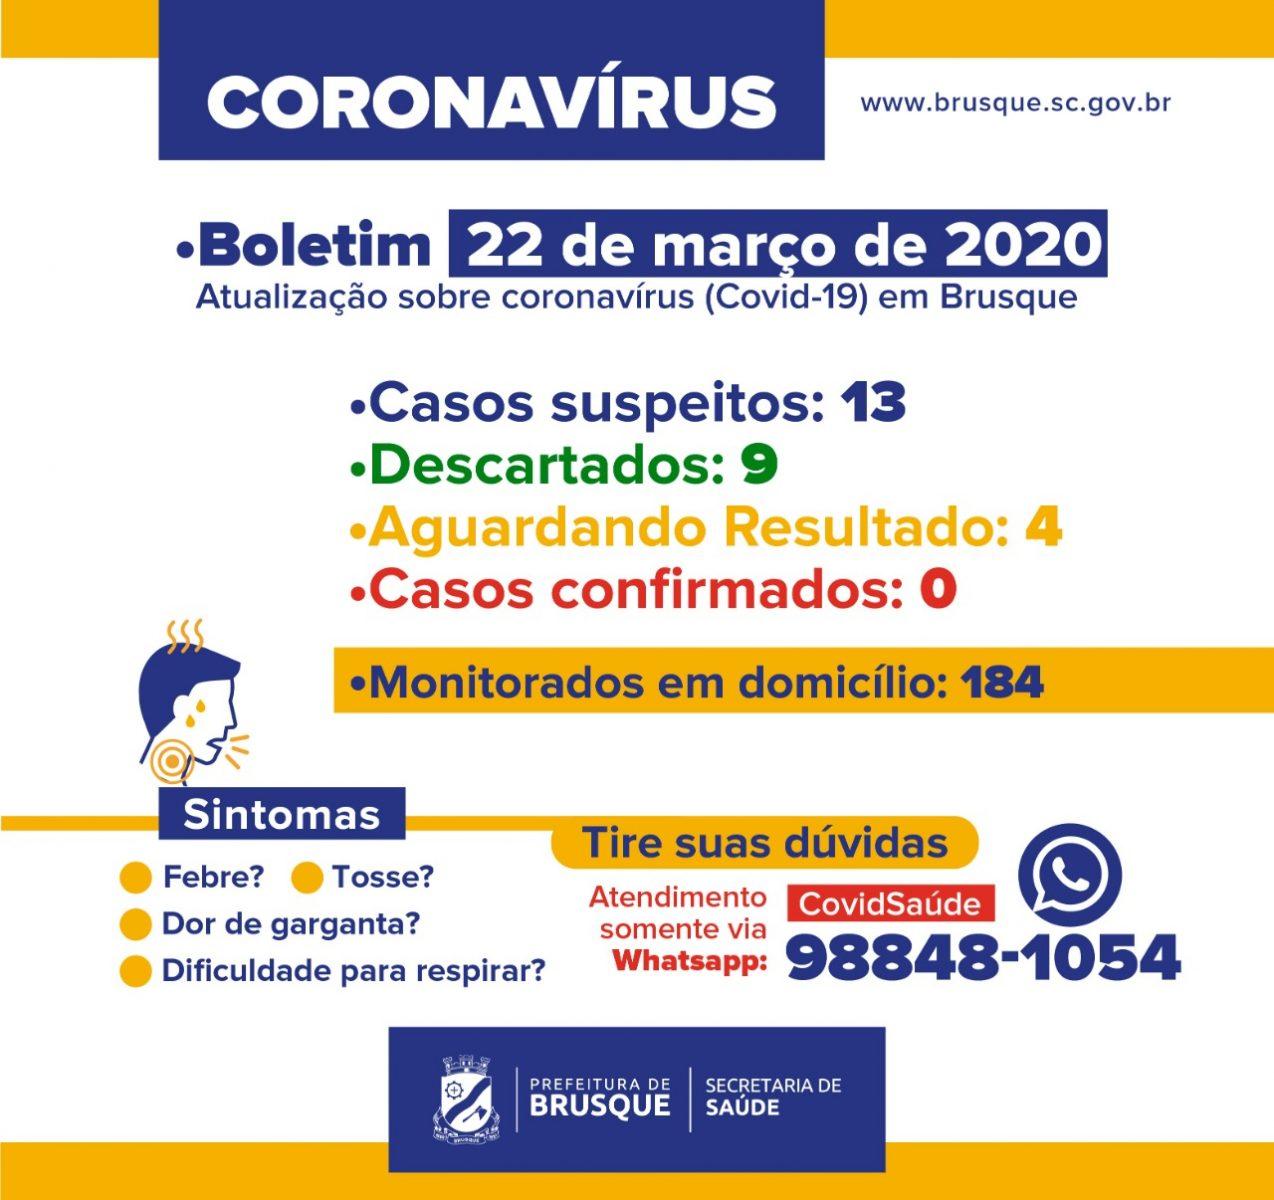 BOLETIM EPIDEMIOLÓGICO DA PREFEITURA DE BRUSQUE (22/03)